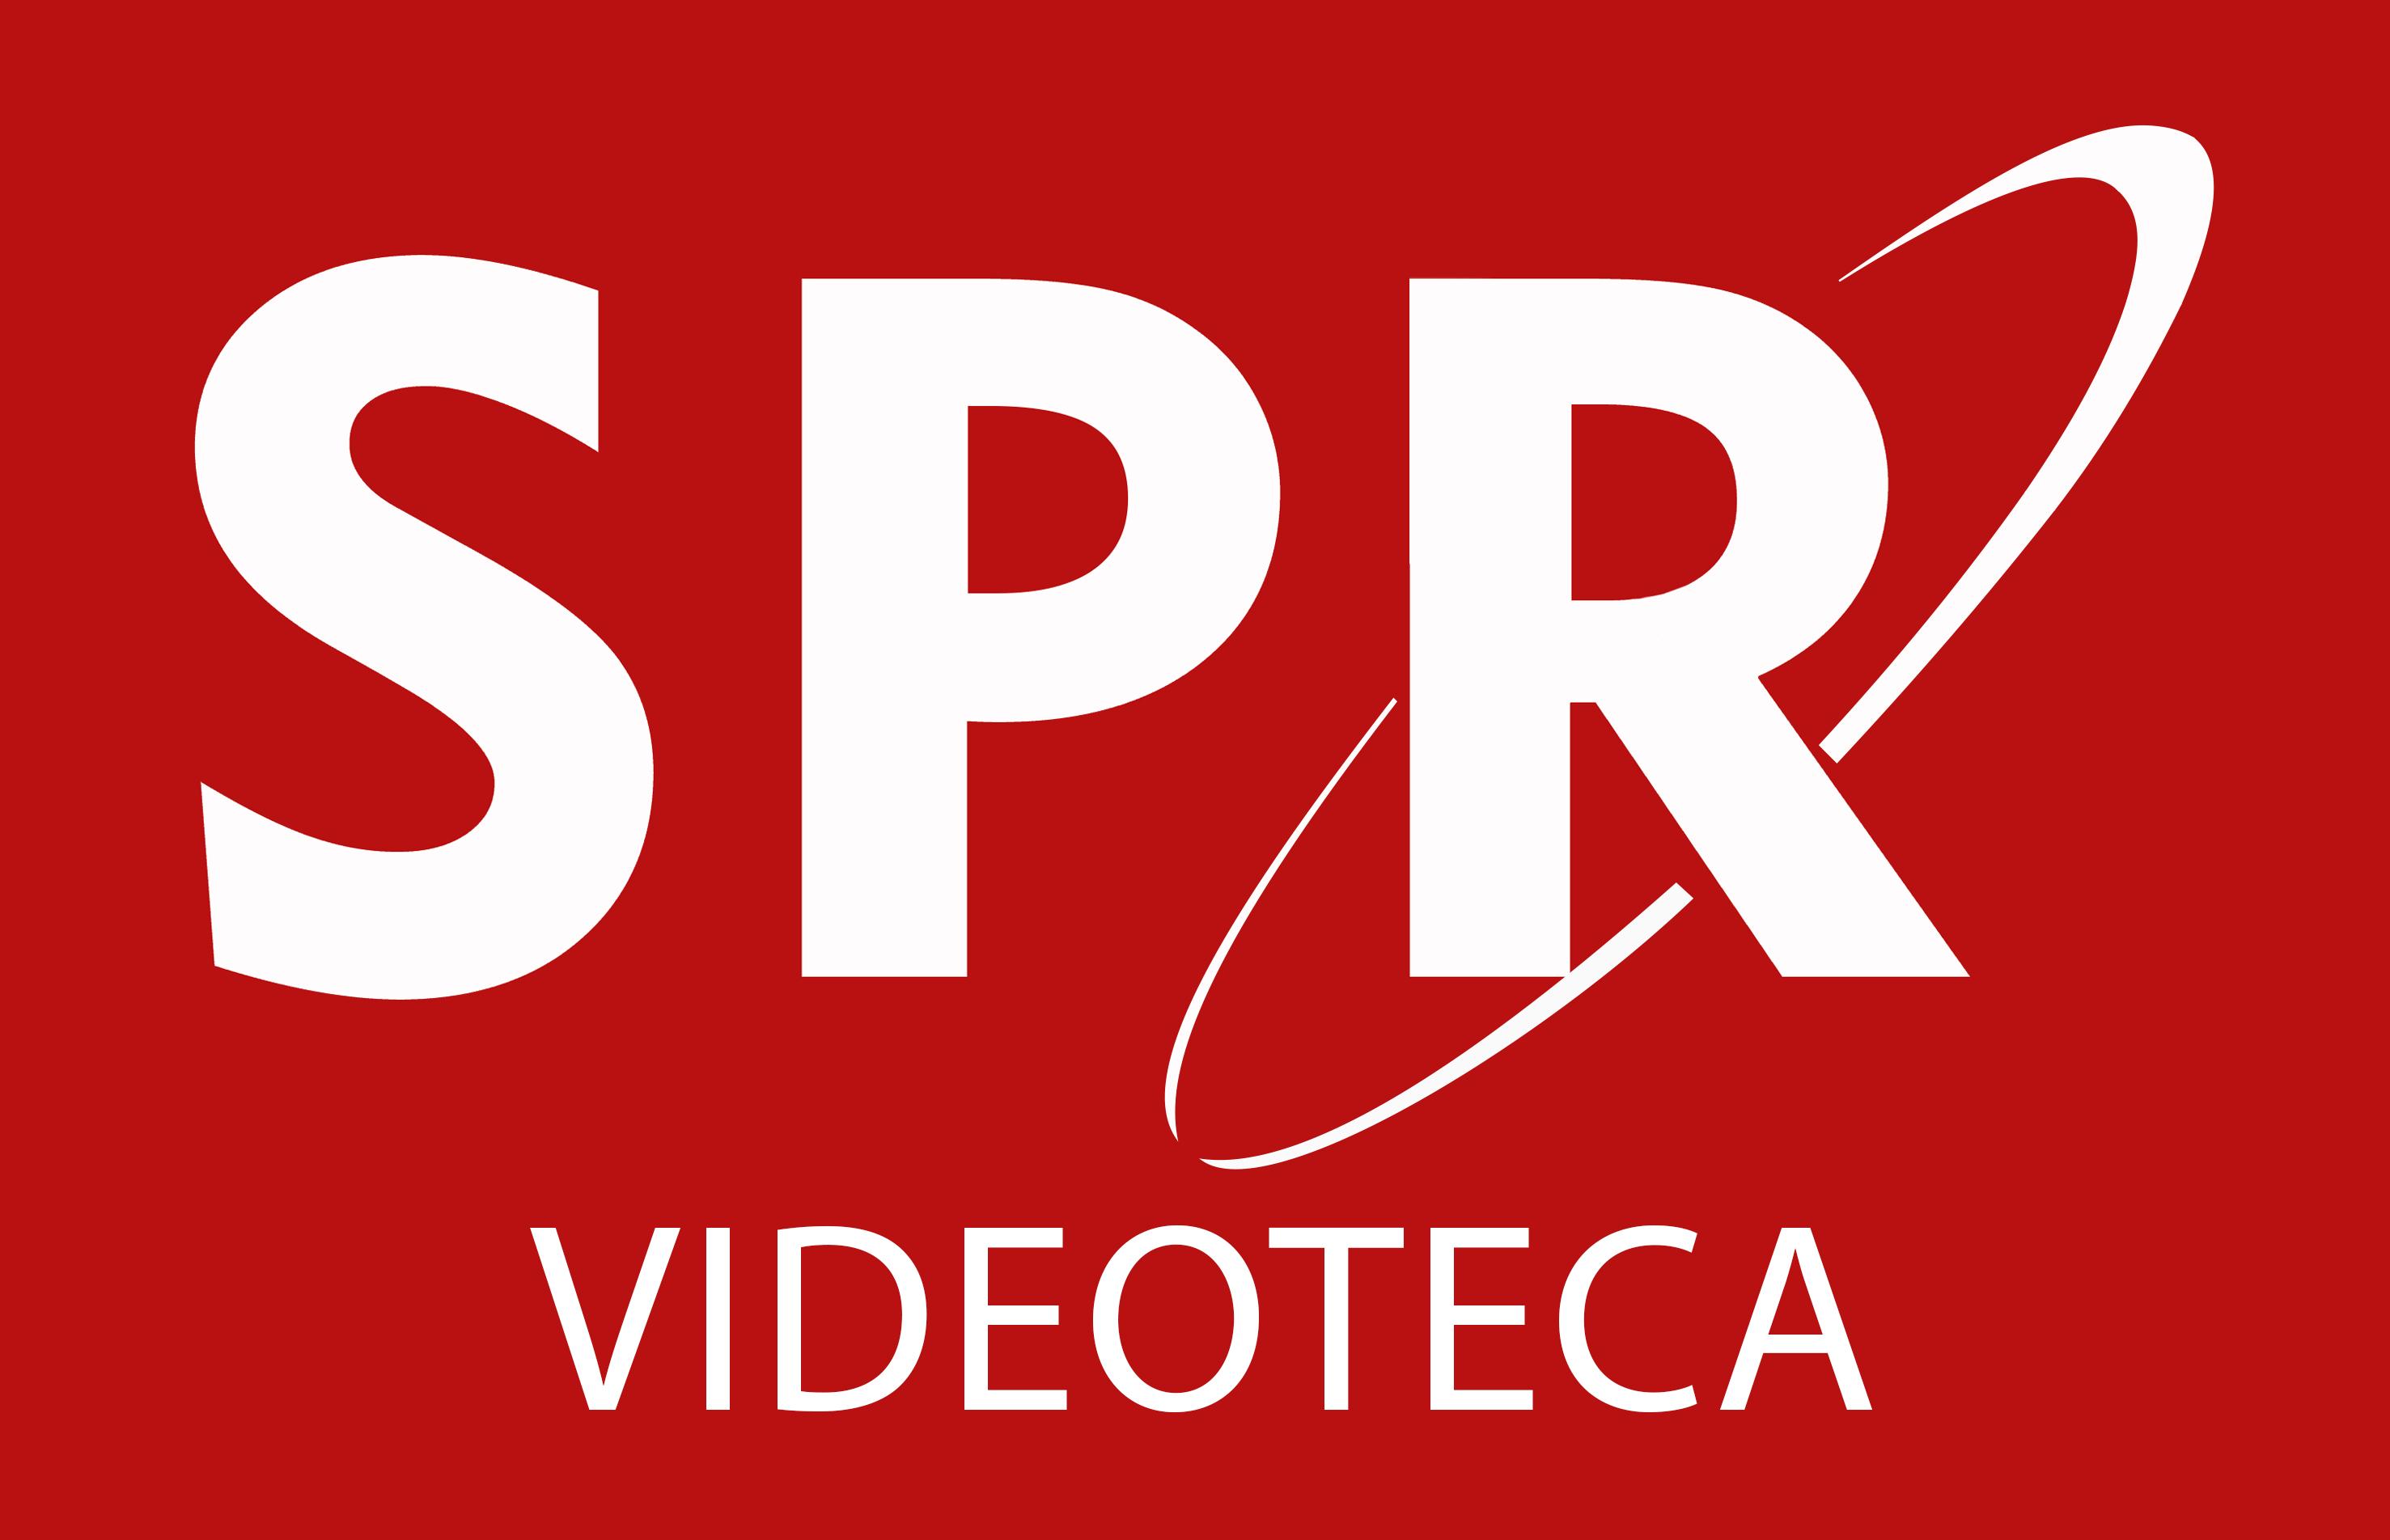 SPR oferece aulas gratuitas na Videoteca Digital para apoiar seus membros durante a crise do COVID-19